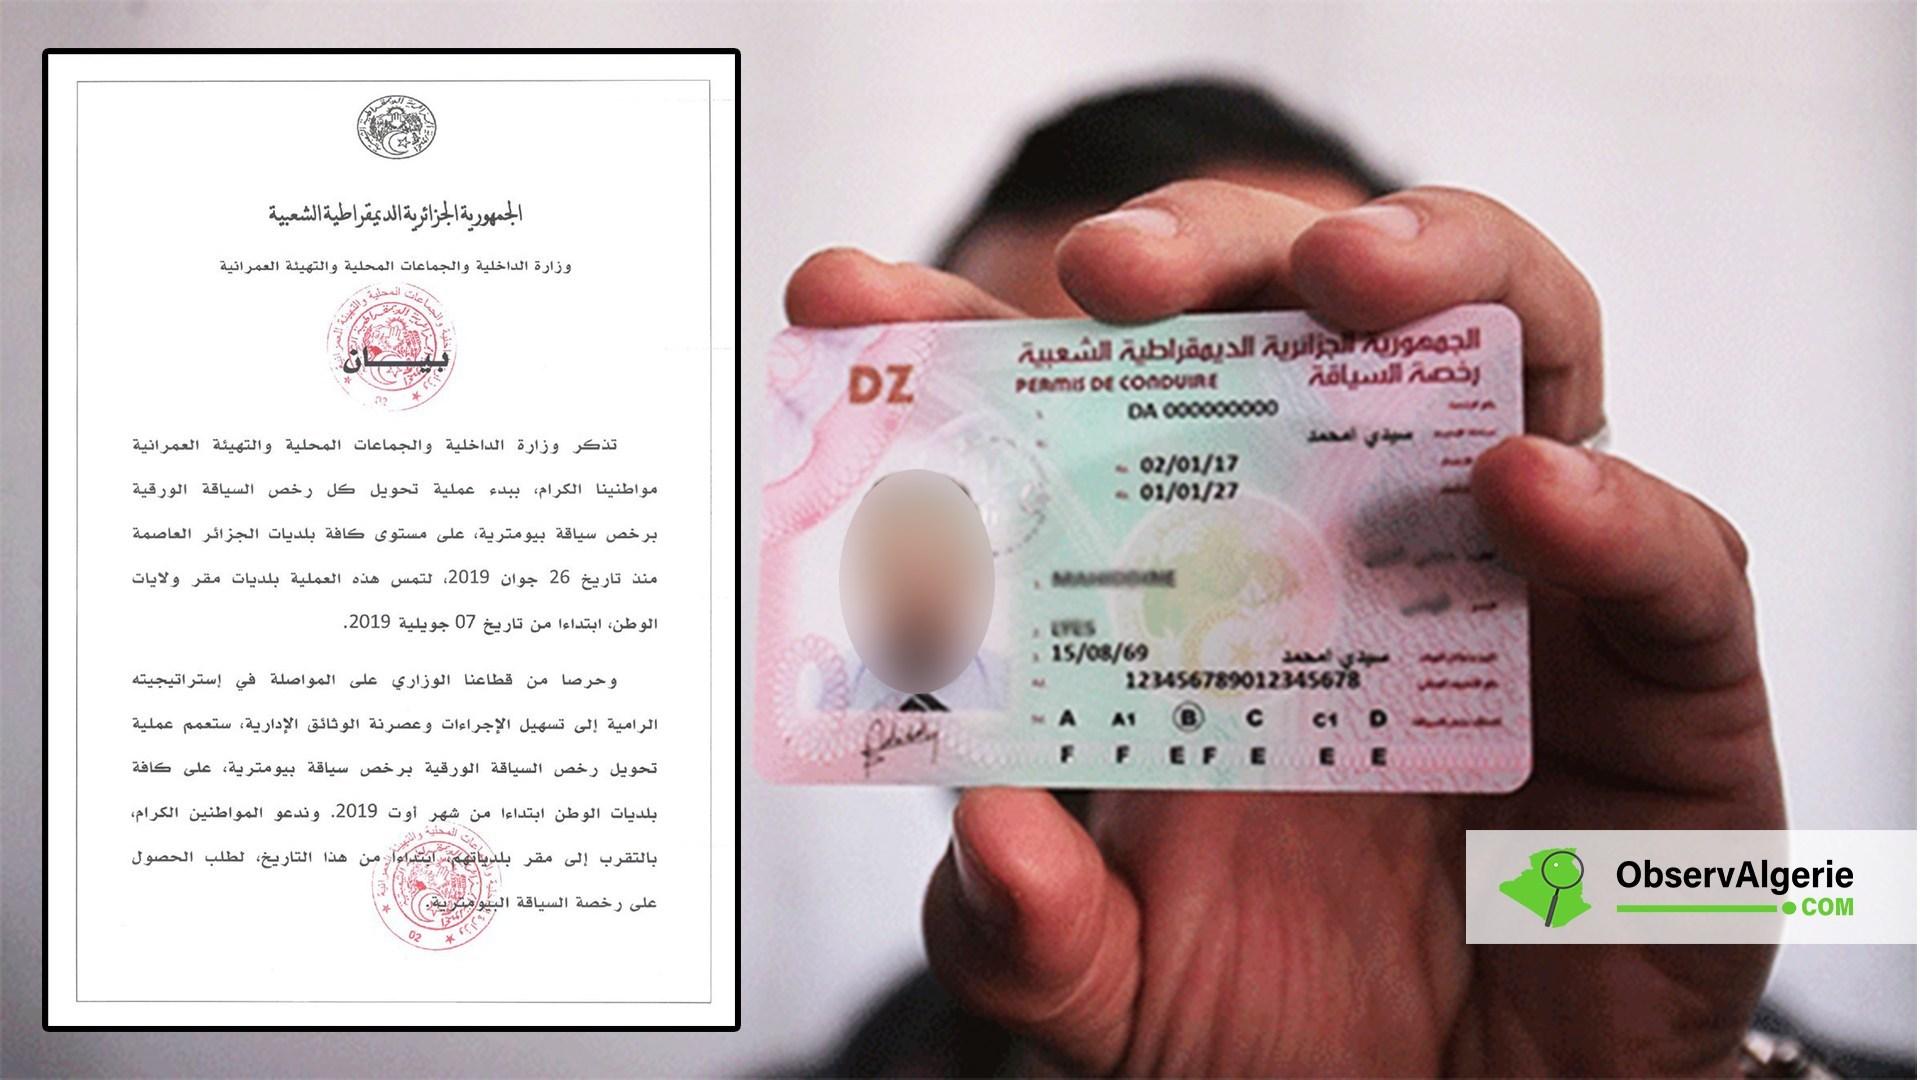 Carte Algerie Biometrique.Algerie Generalisation De La Delivrance Du Permis De